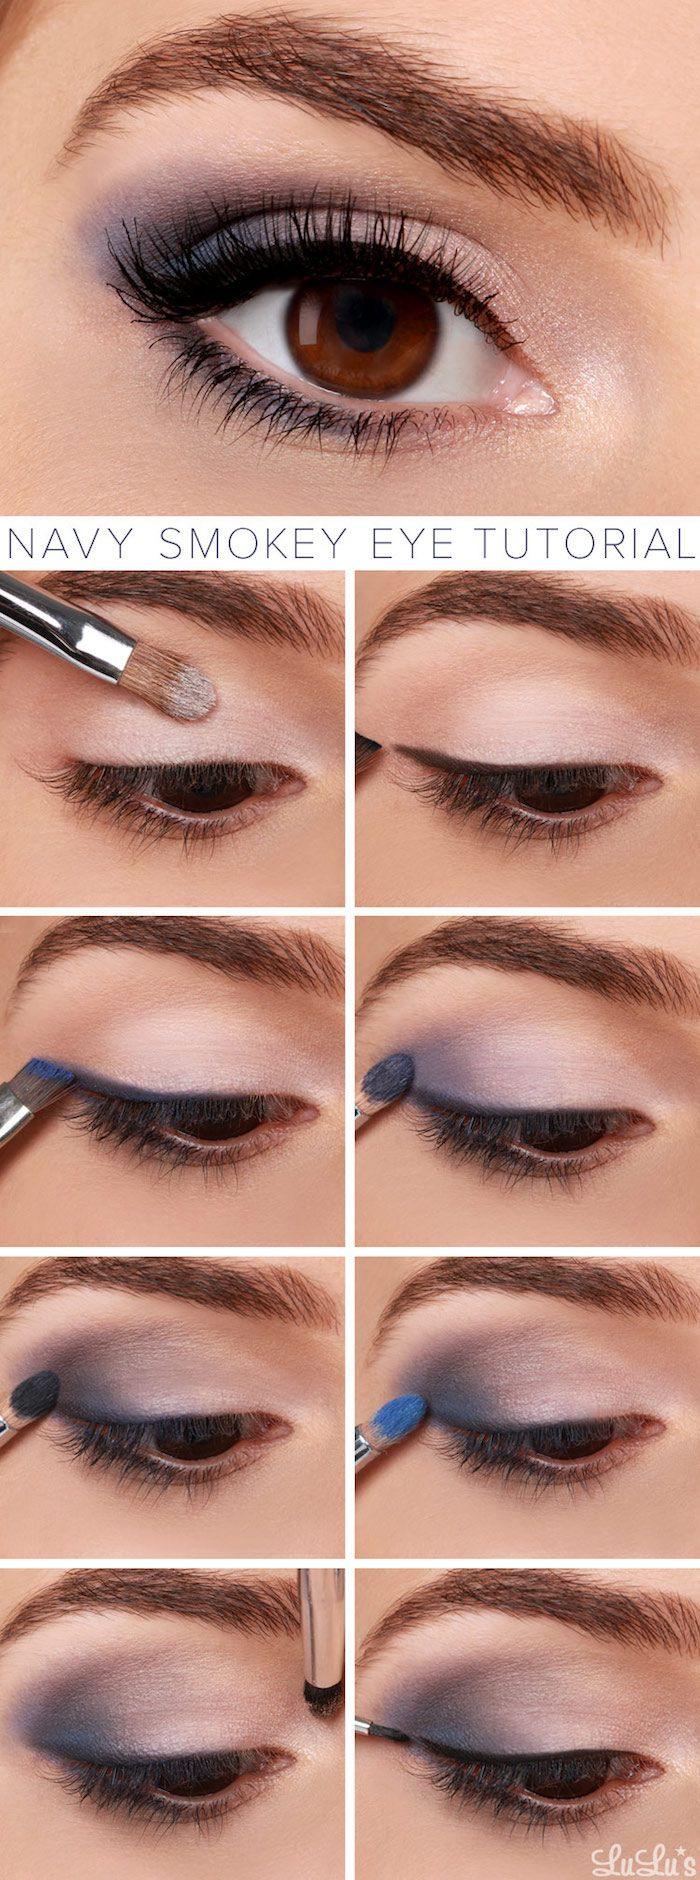 Formal Kreativ Abend Make Up Zum Blauen Kleid Vertrieb13 Cool Abend Make Up Zum Blauen Kleid Galerie